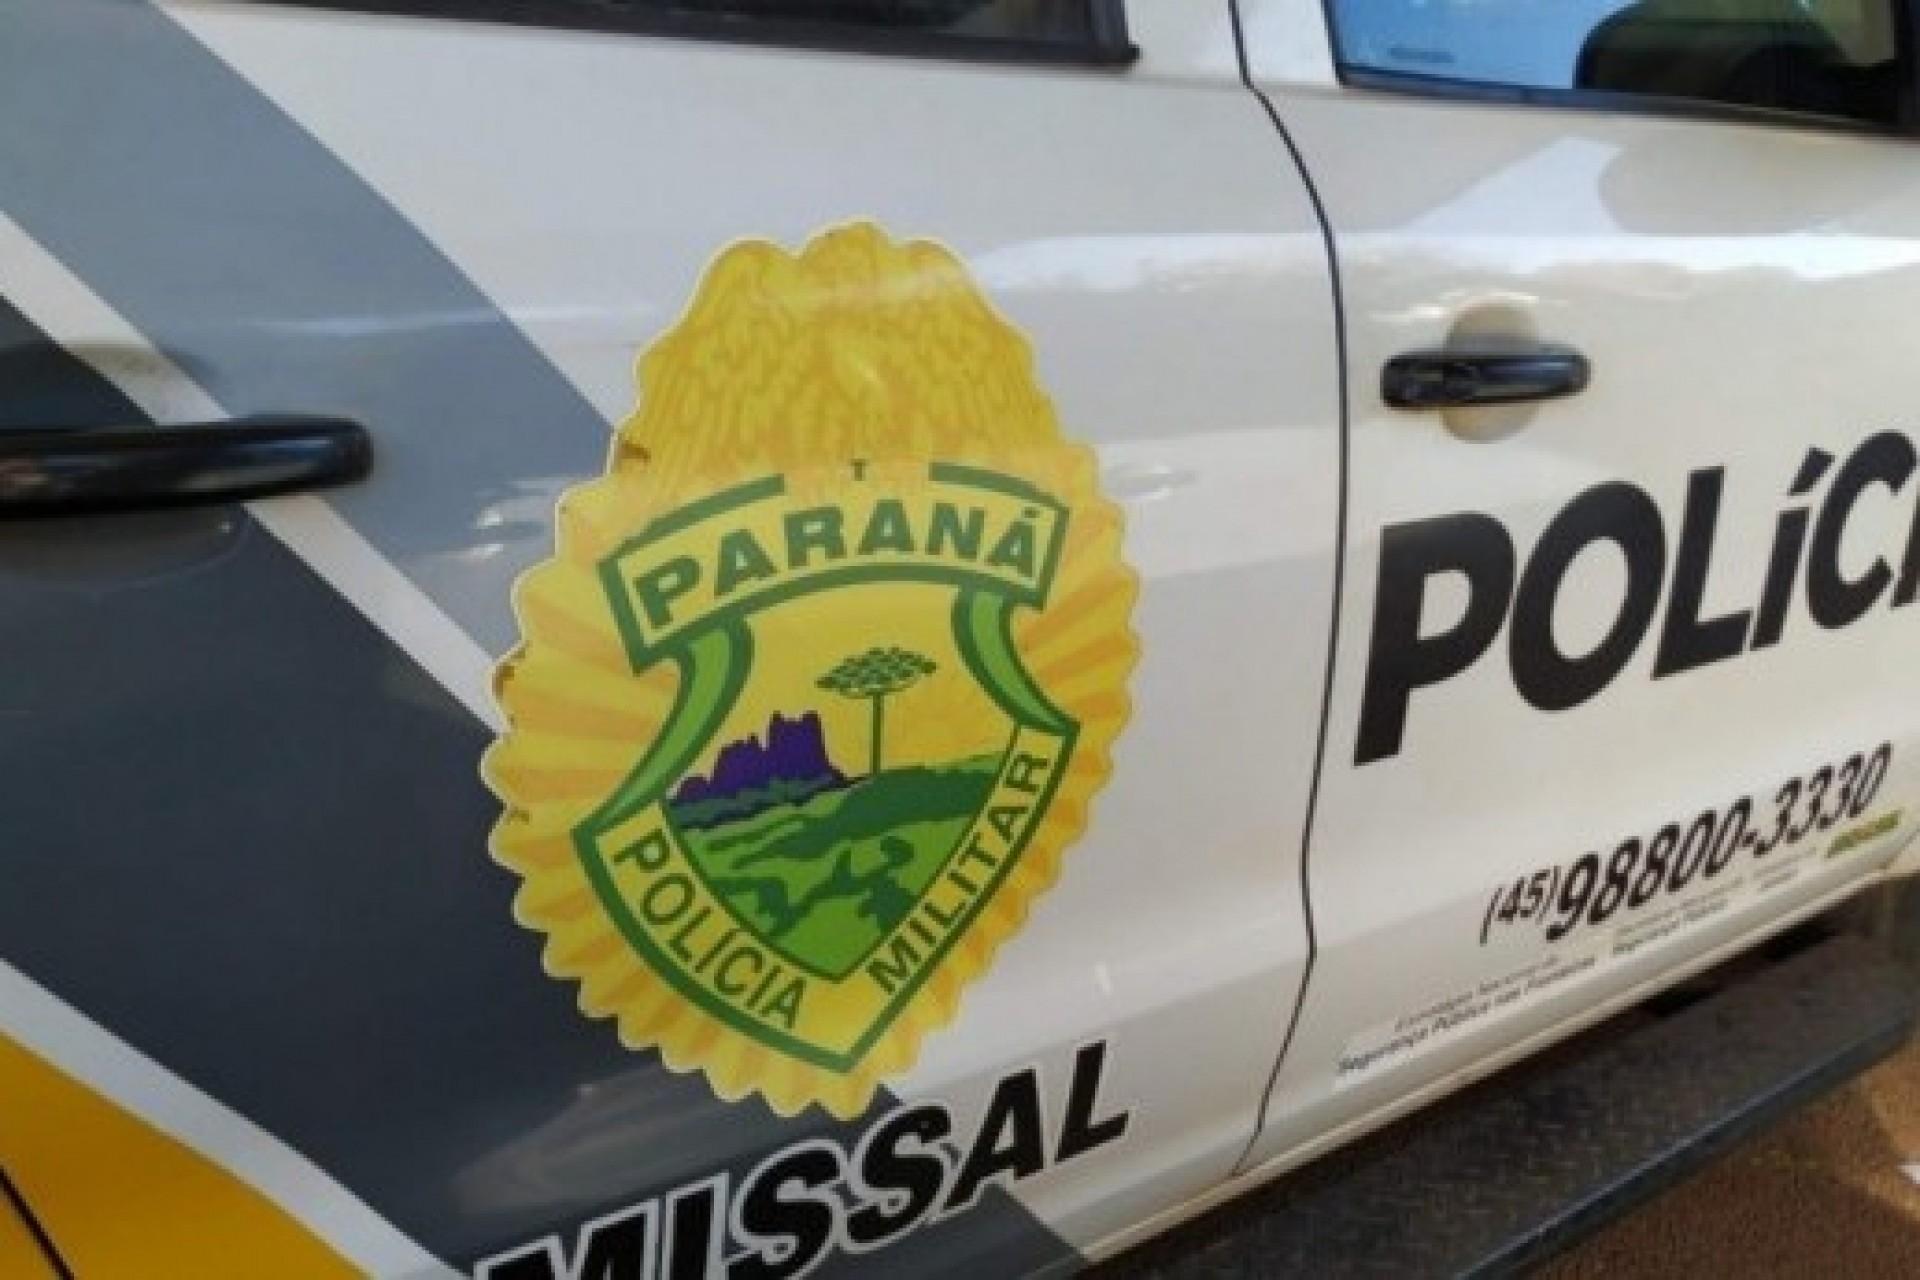 Policia Militar de Missal apresenta resultados do mês de Agosto